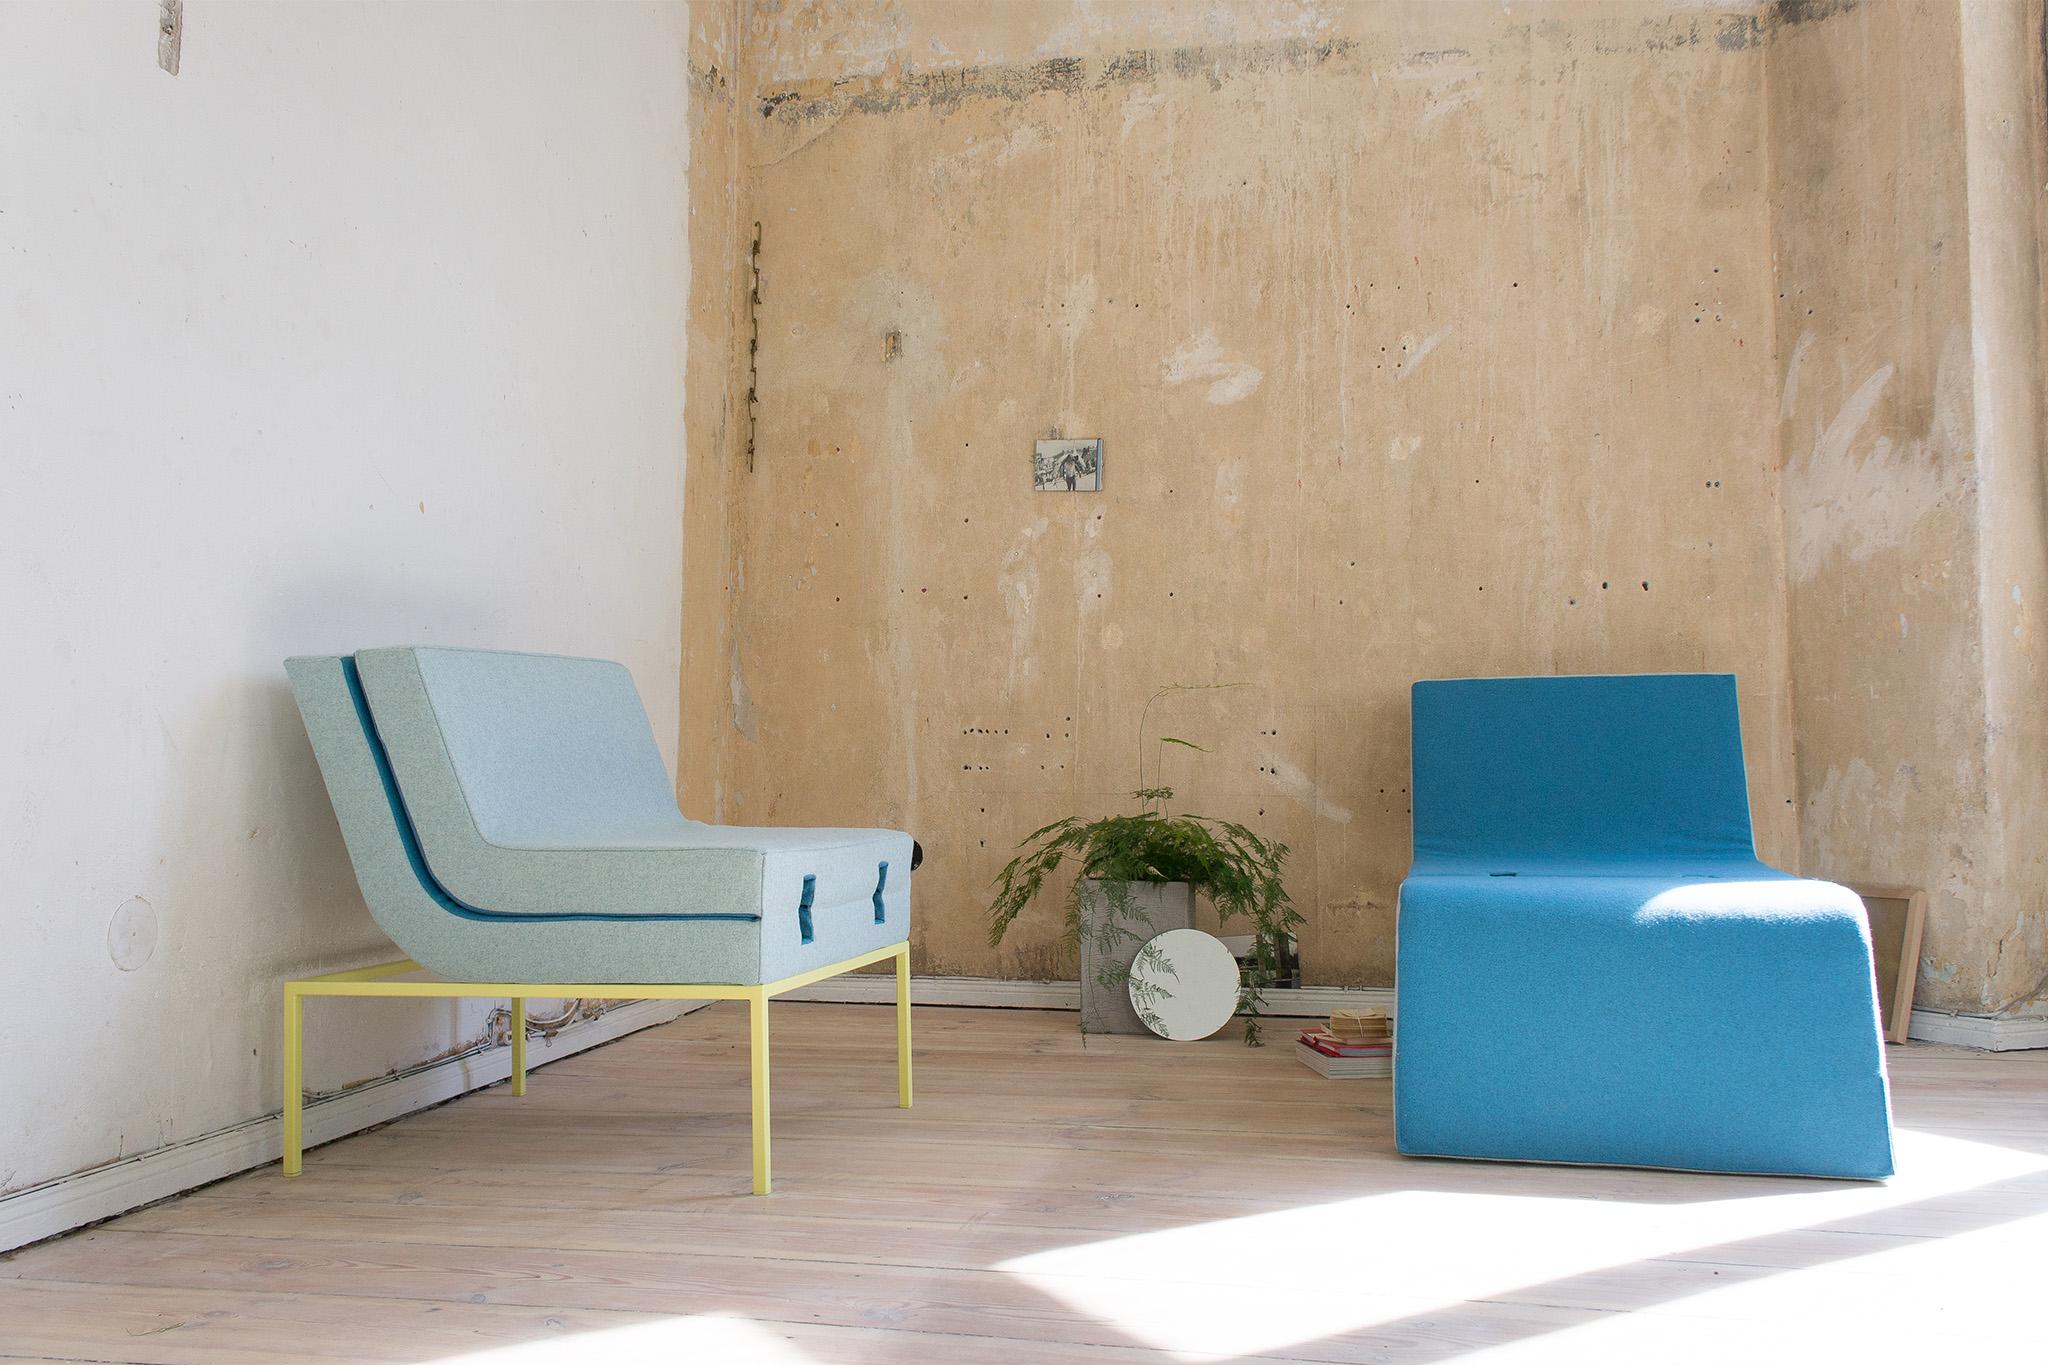 LLAY - modular easy chair, chaise longue, sofa